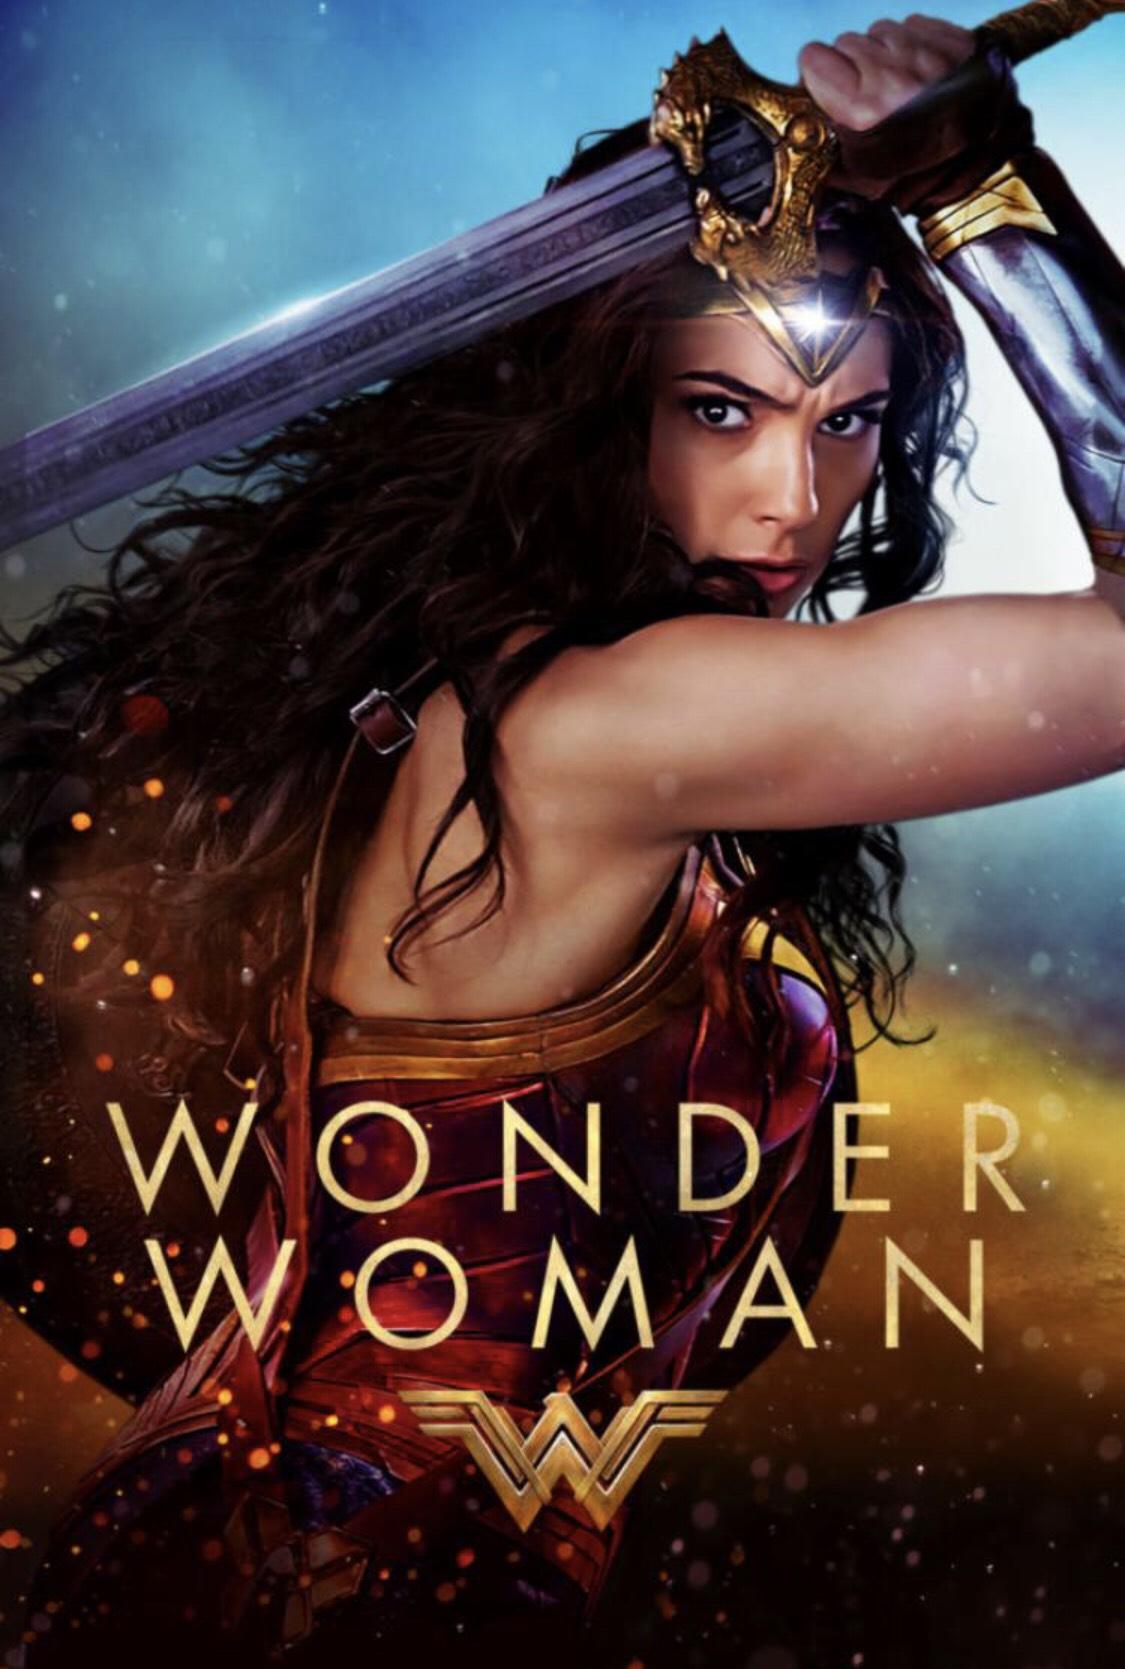 Wonder Woman & weitere iTunes Käufe in 4K/HD